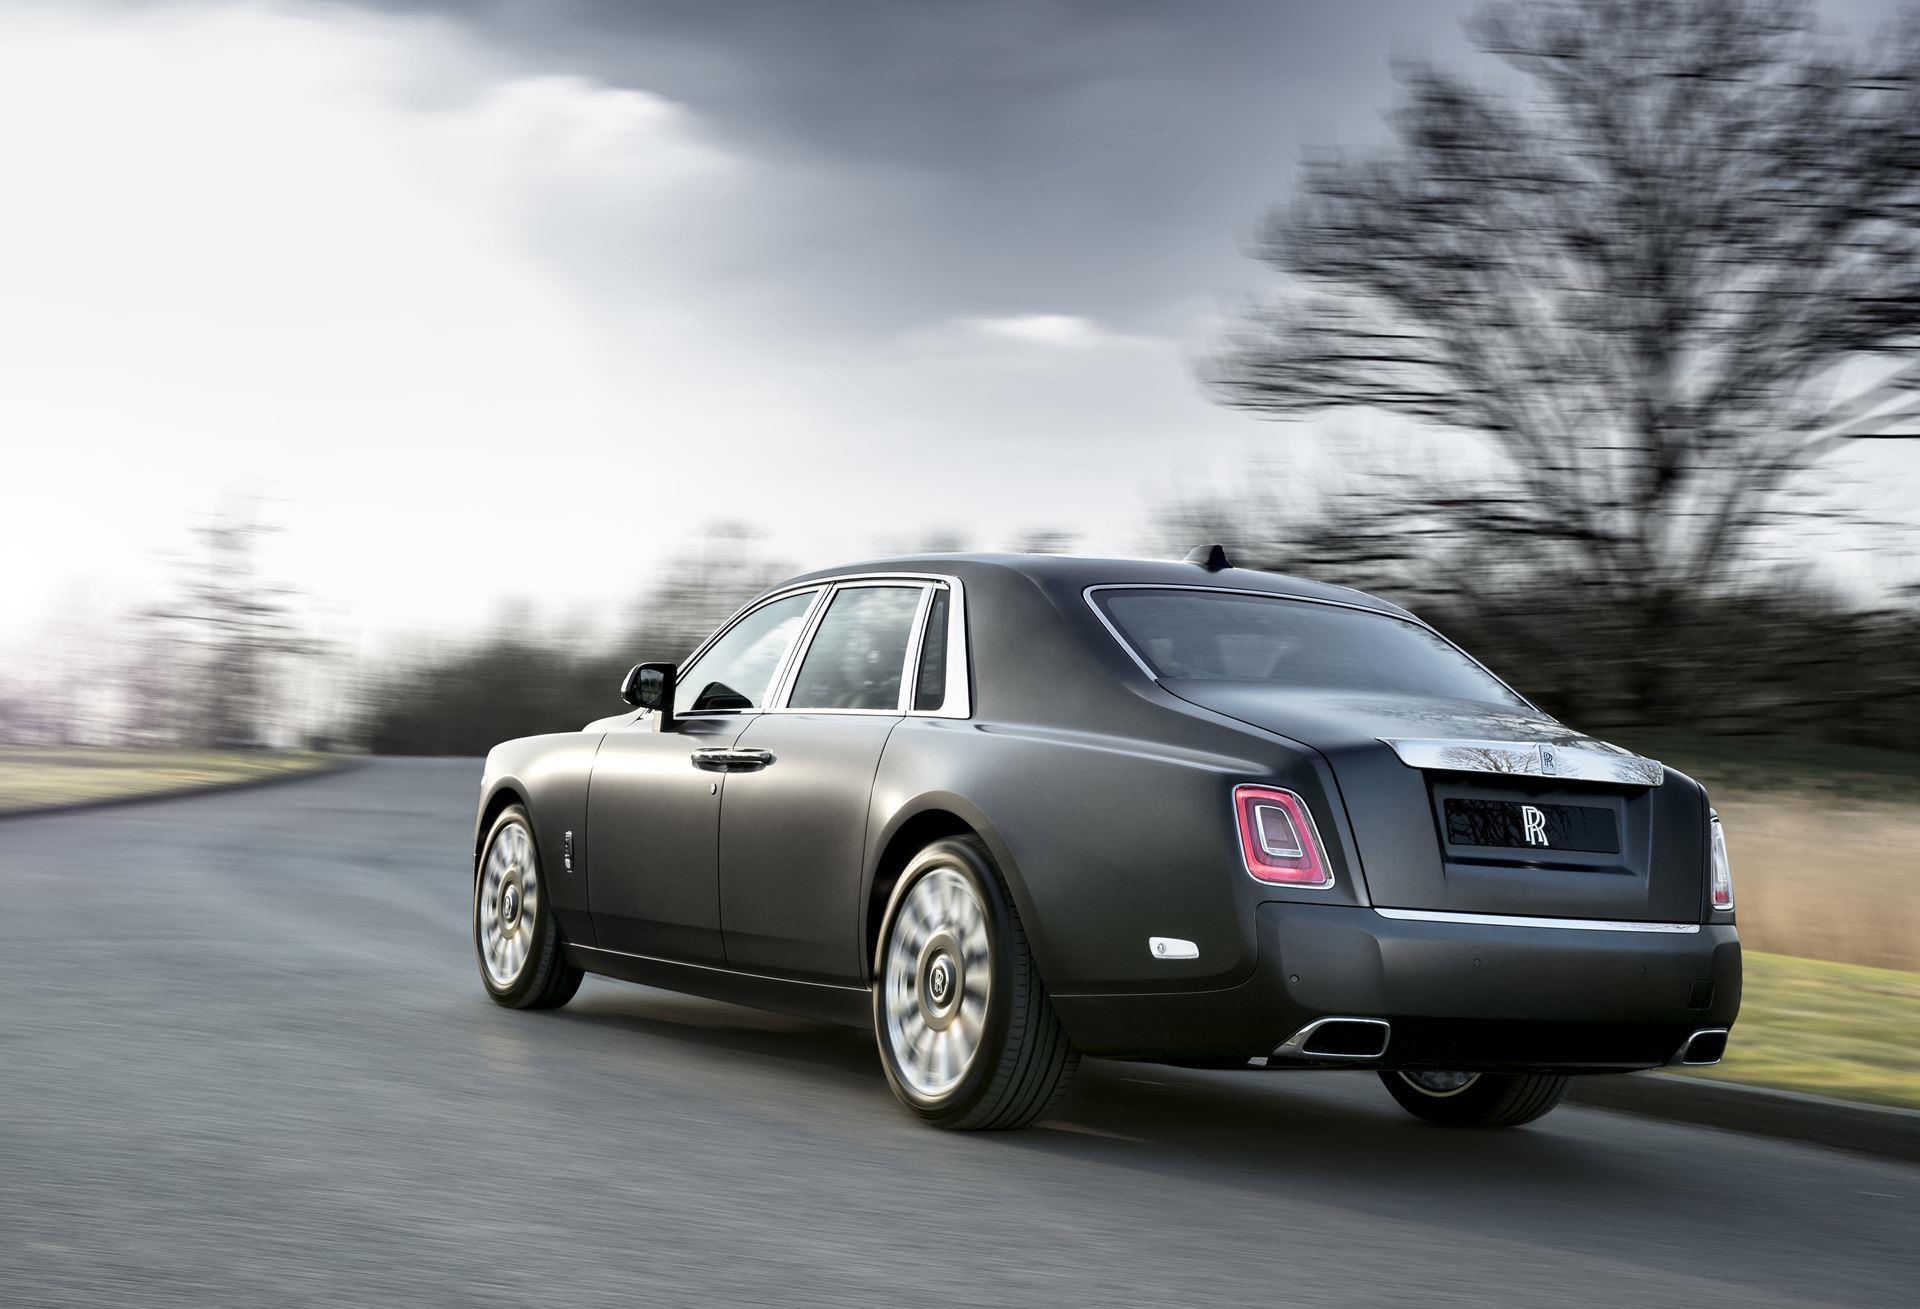 2018 Rolls-Royce Phantom Gentlemans Tourer